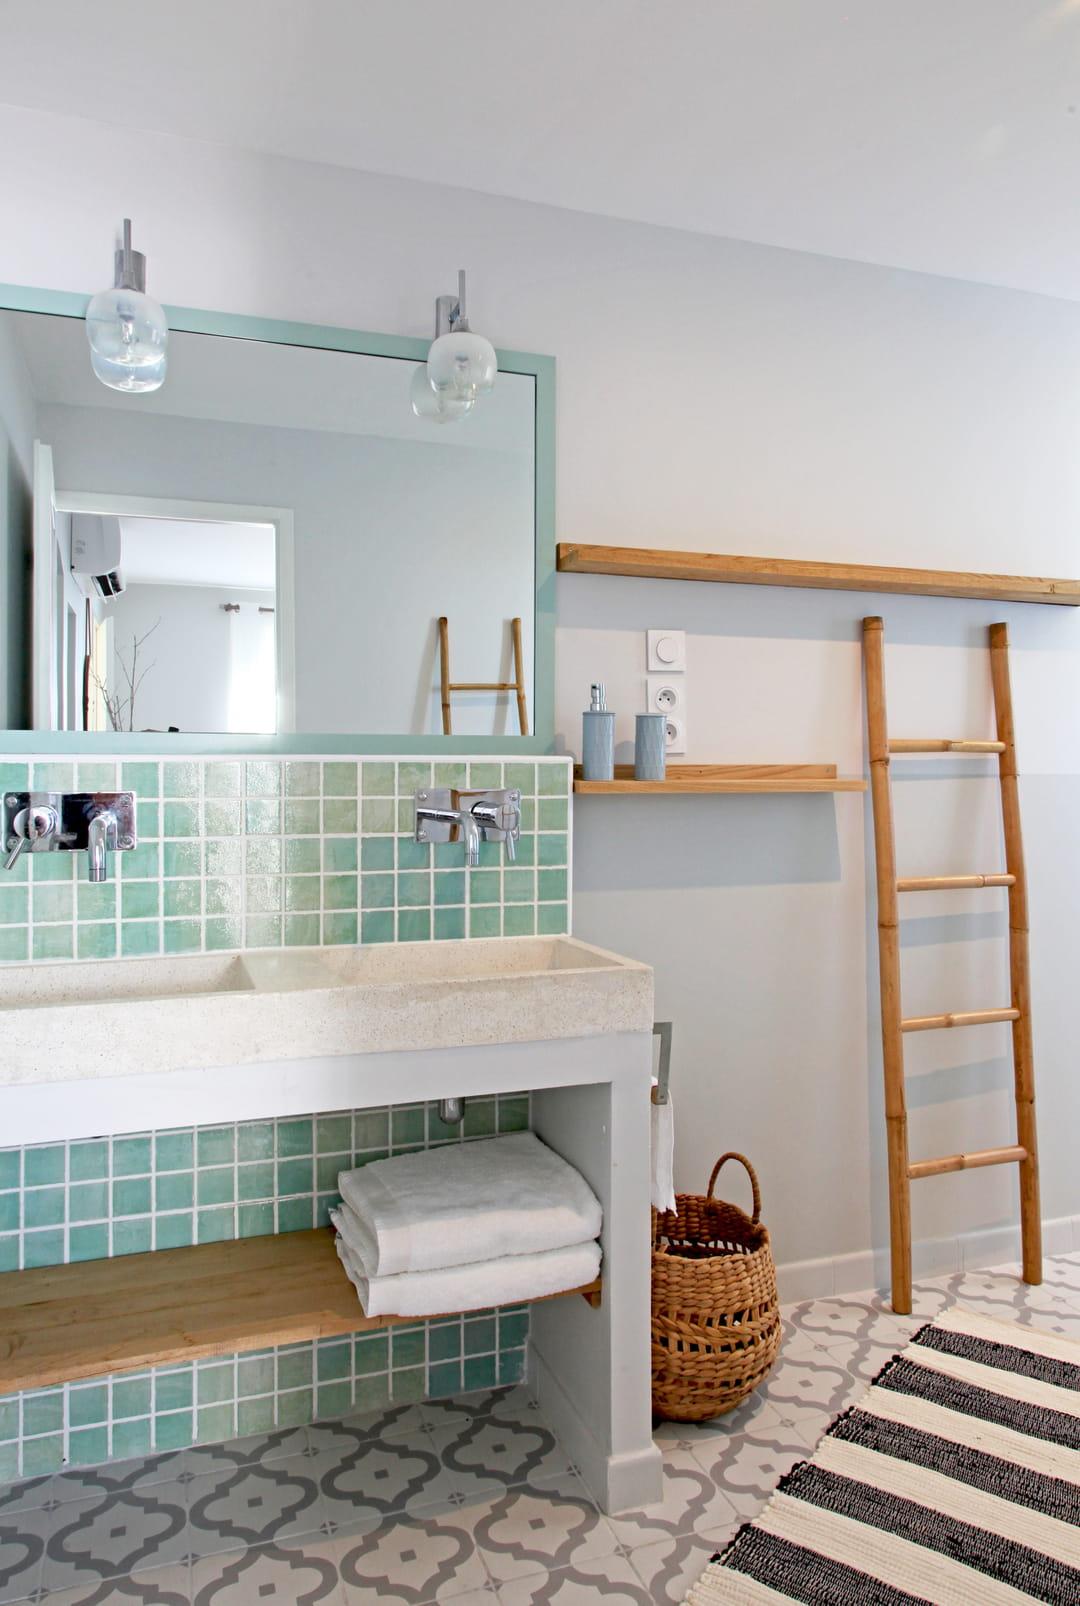 comment cr er une salle de bains zen. Black Bedroom Furniture Sets. Home Design Ideas